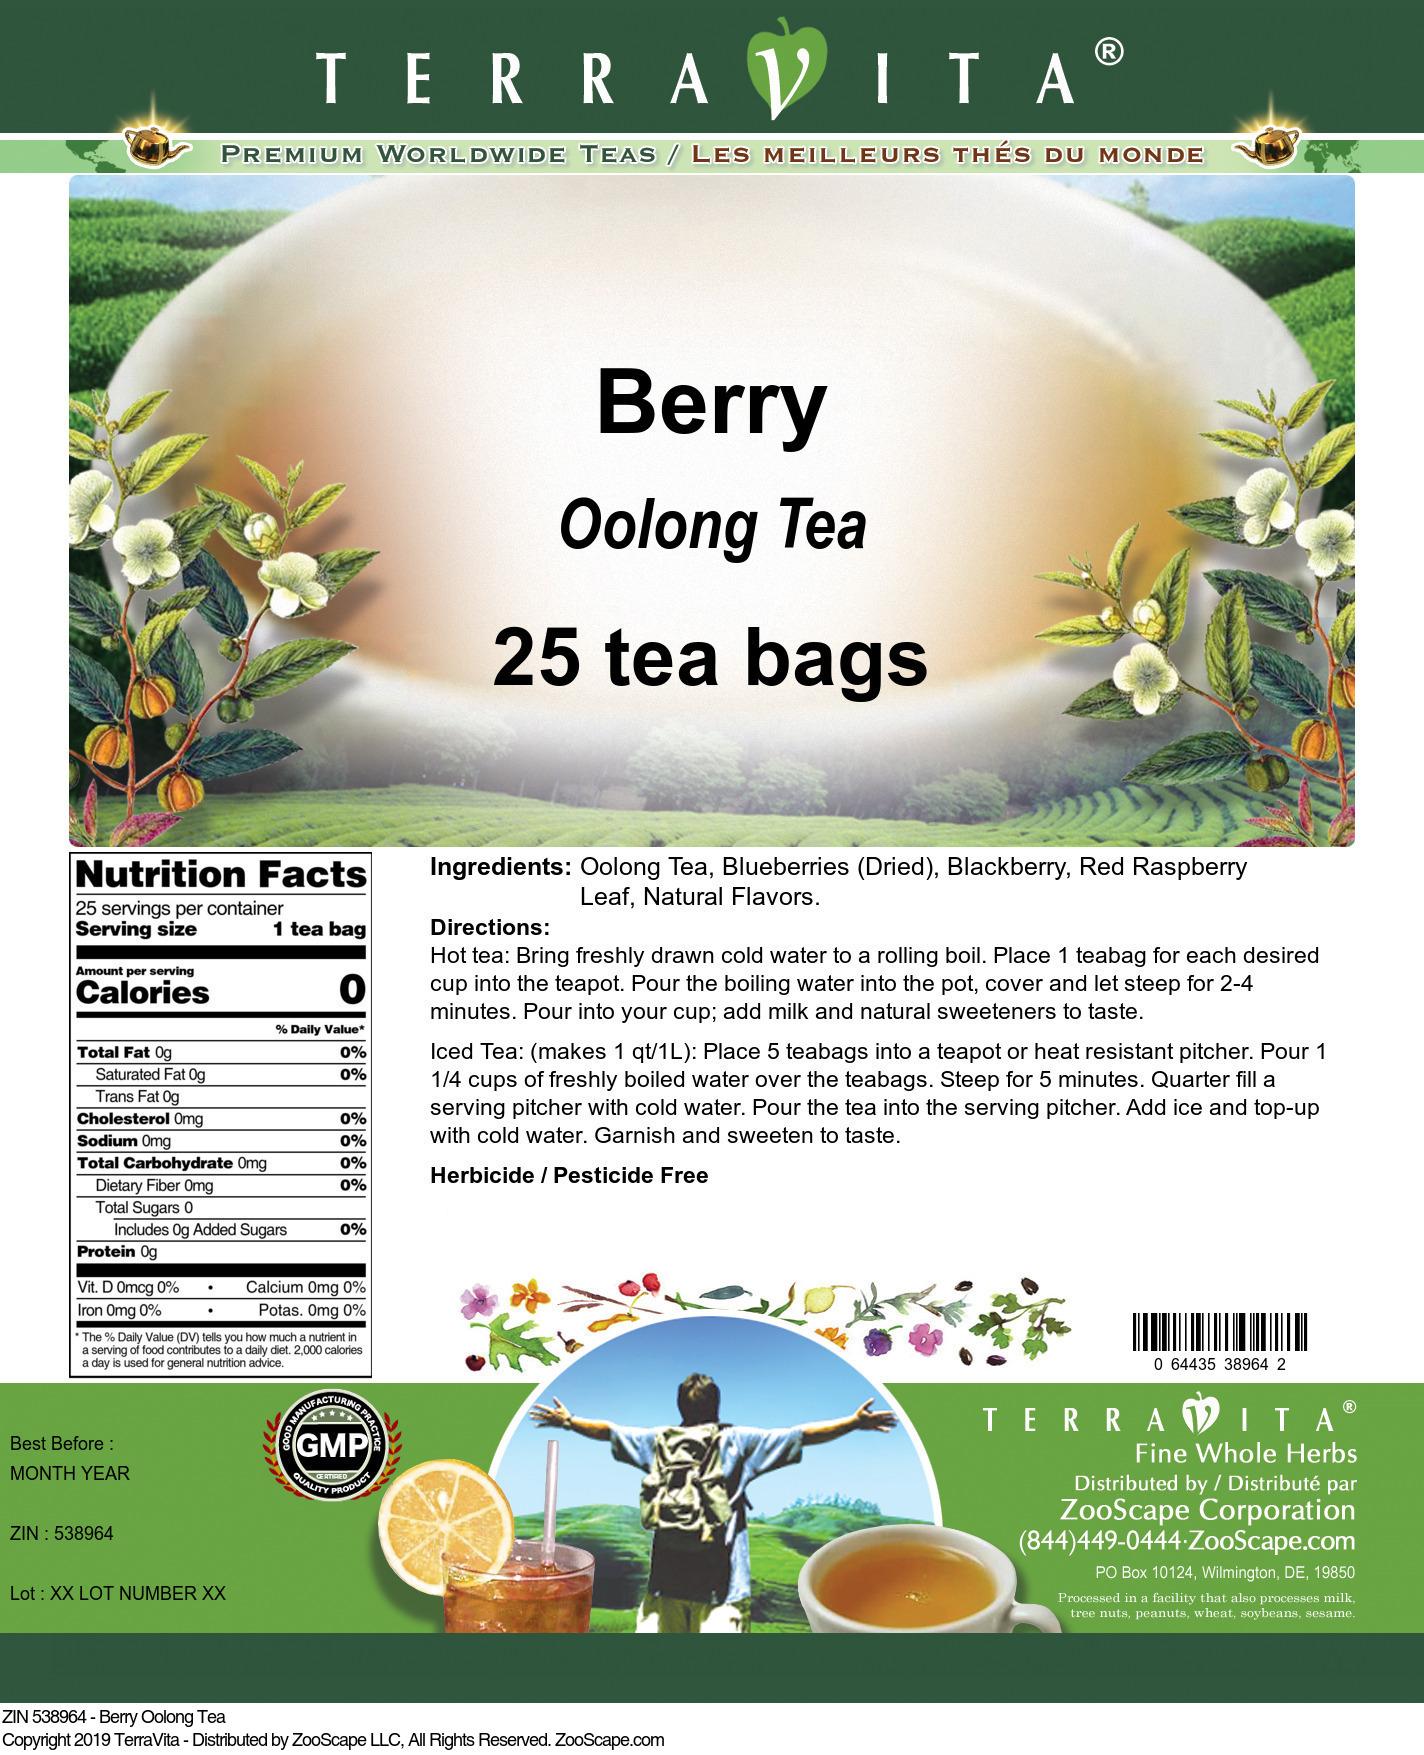 Berry Oolong Tea